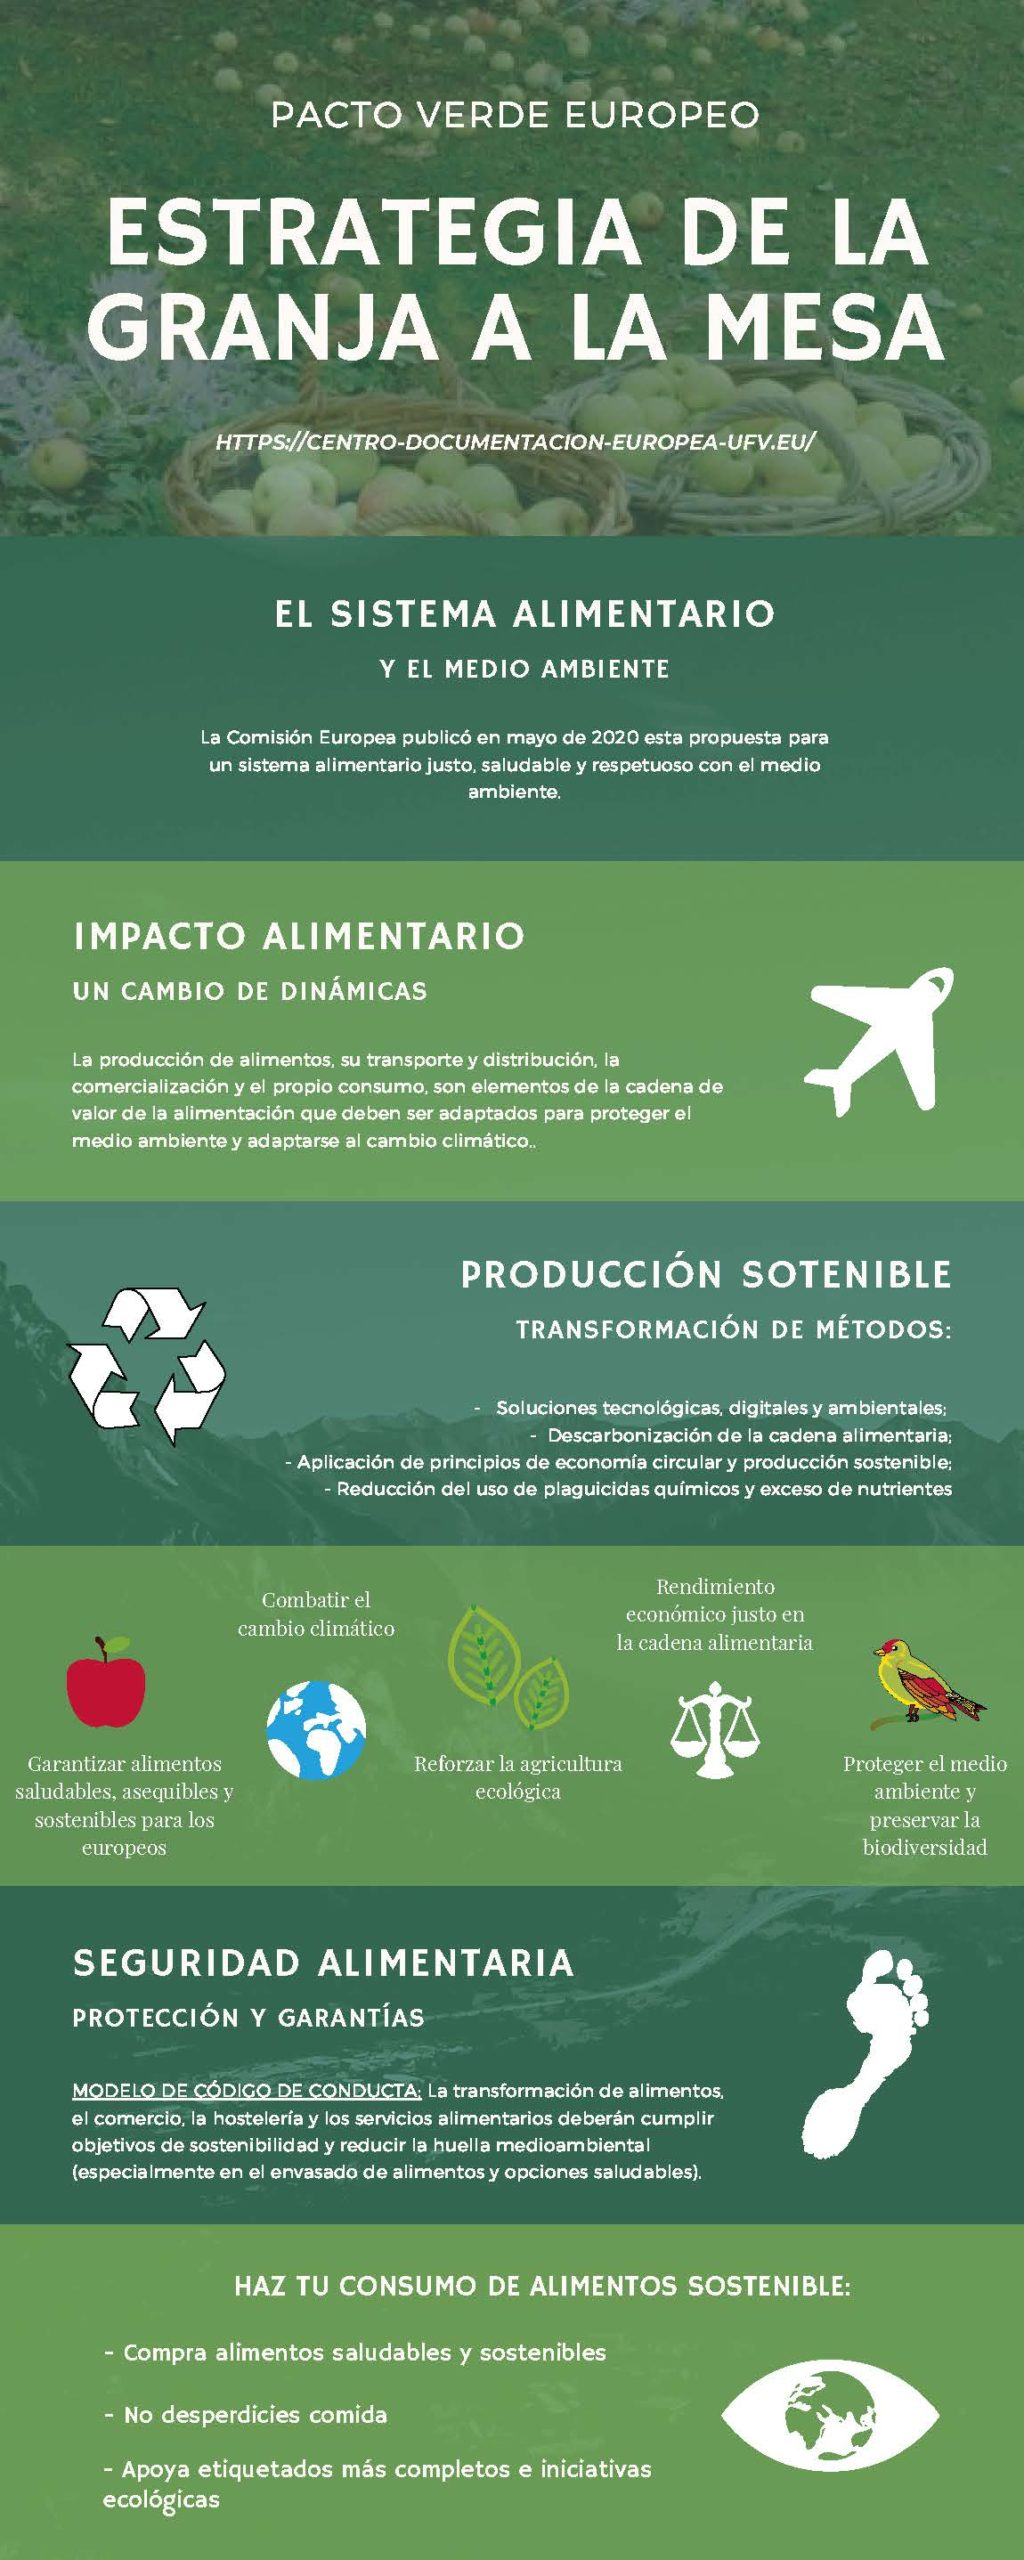 cartel con elementos clave de la estretegia de biodiversidad UE